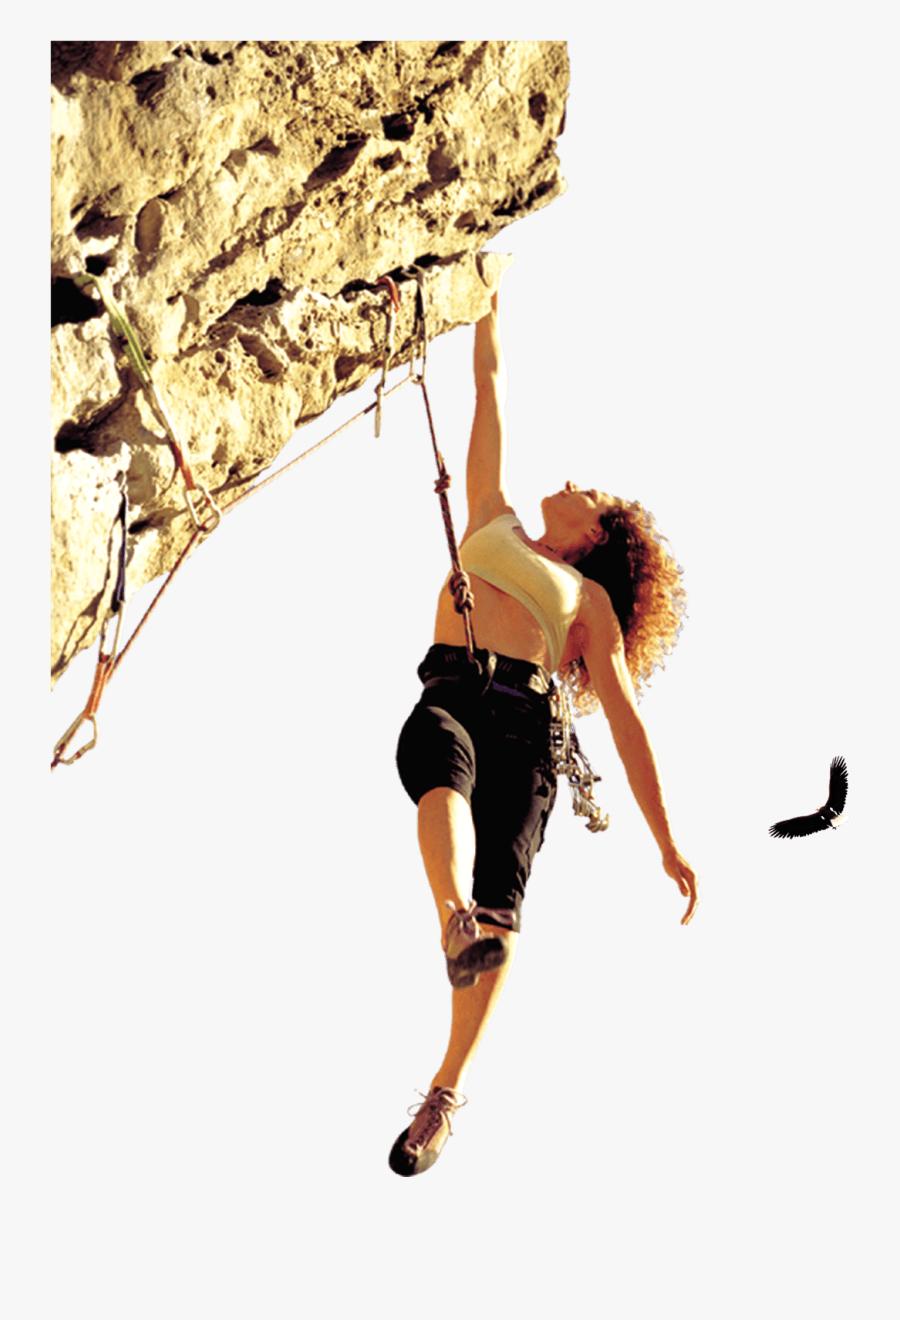 Rock Climbing Png, Transparent Clipart